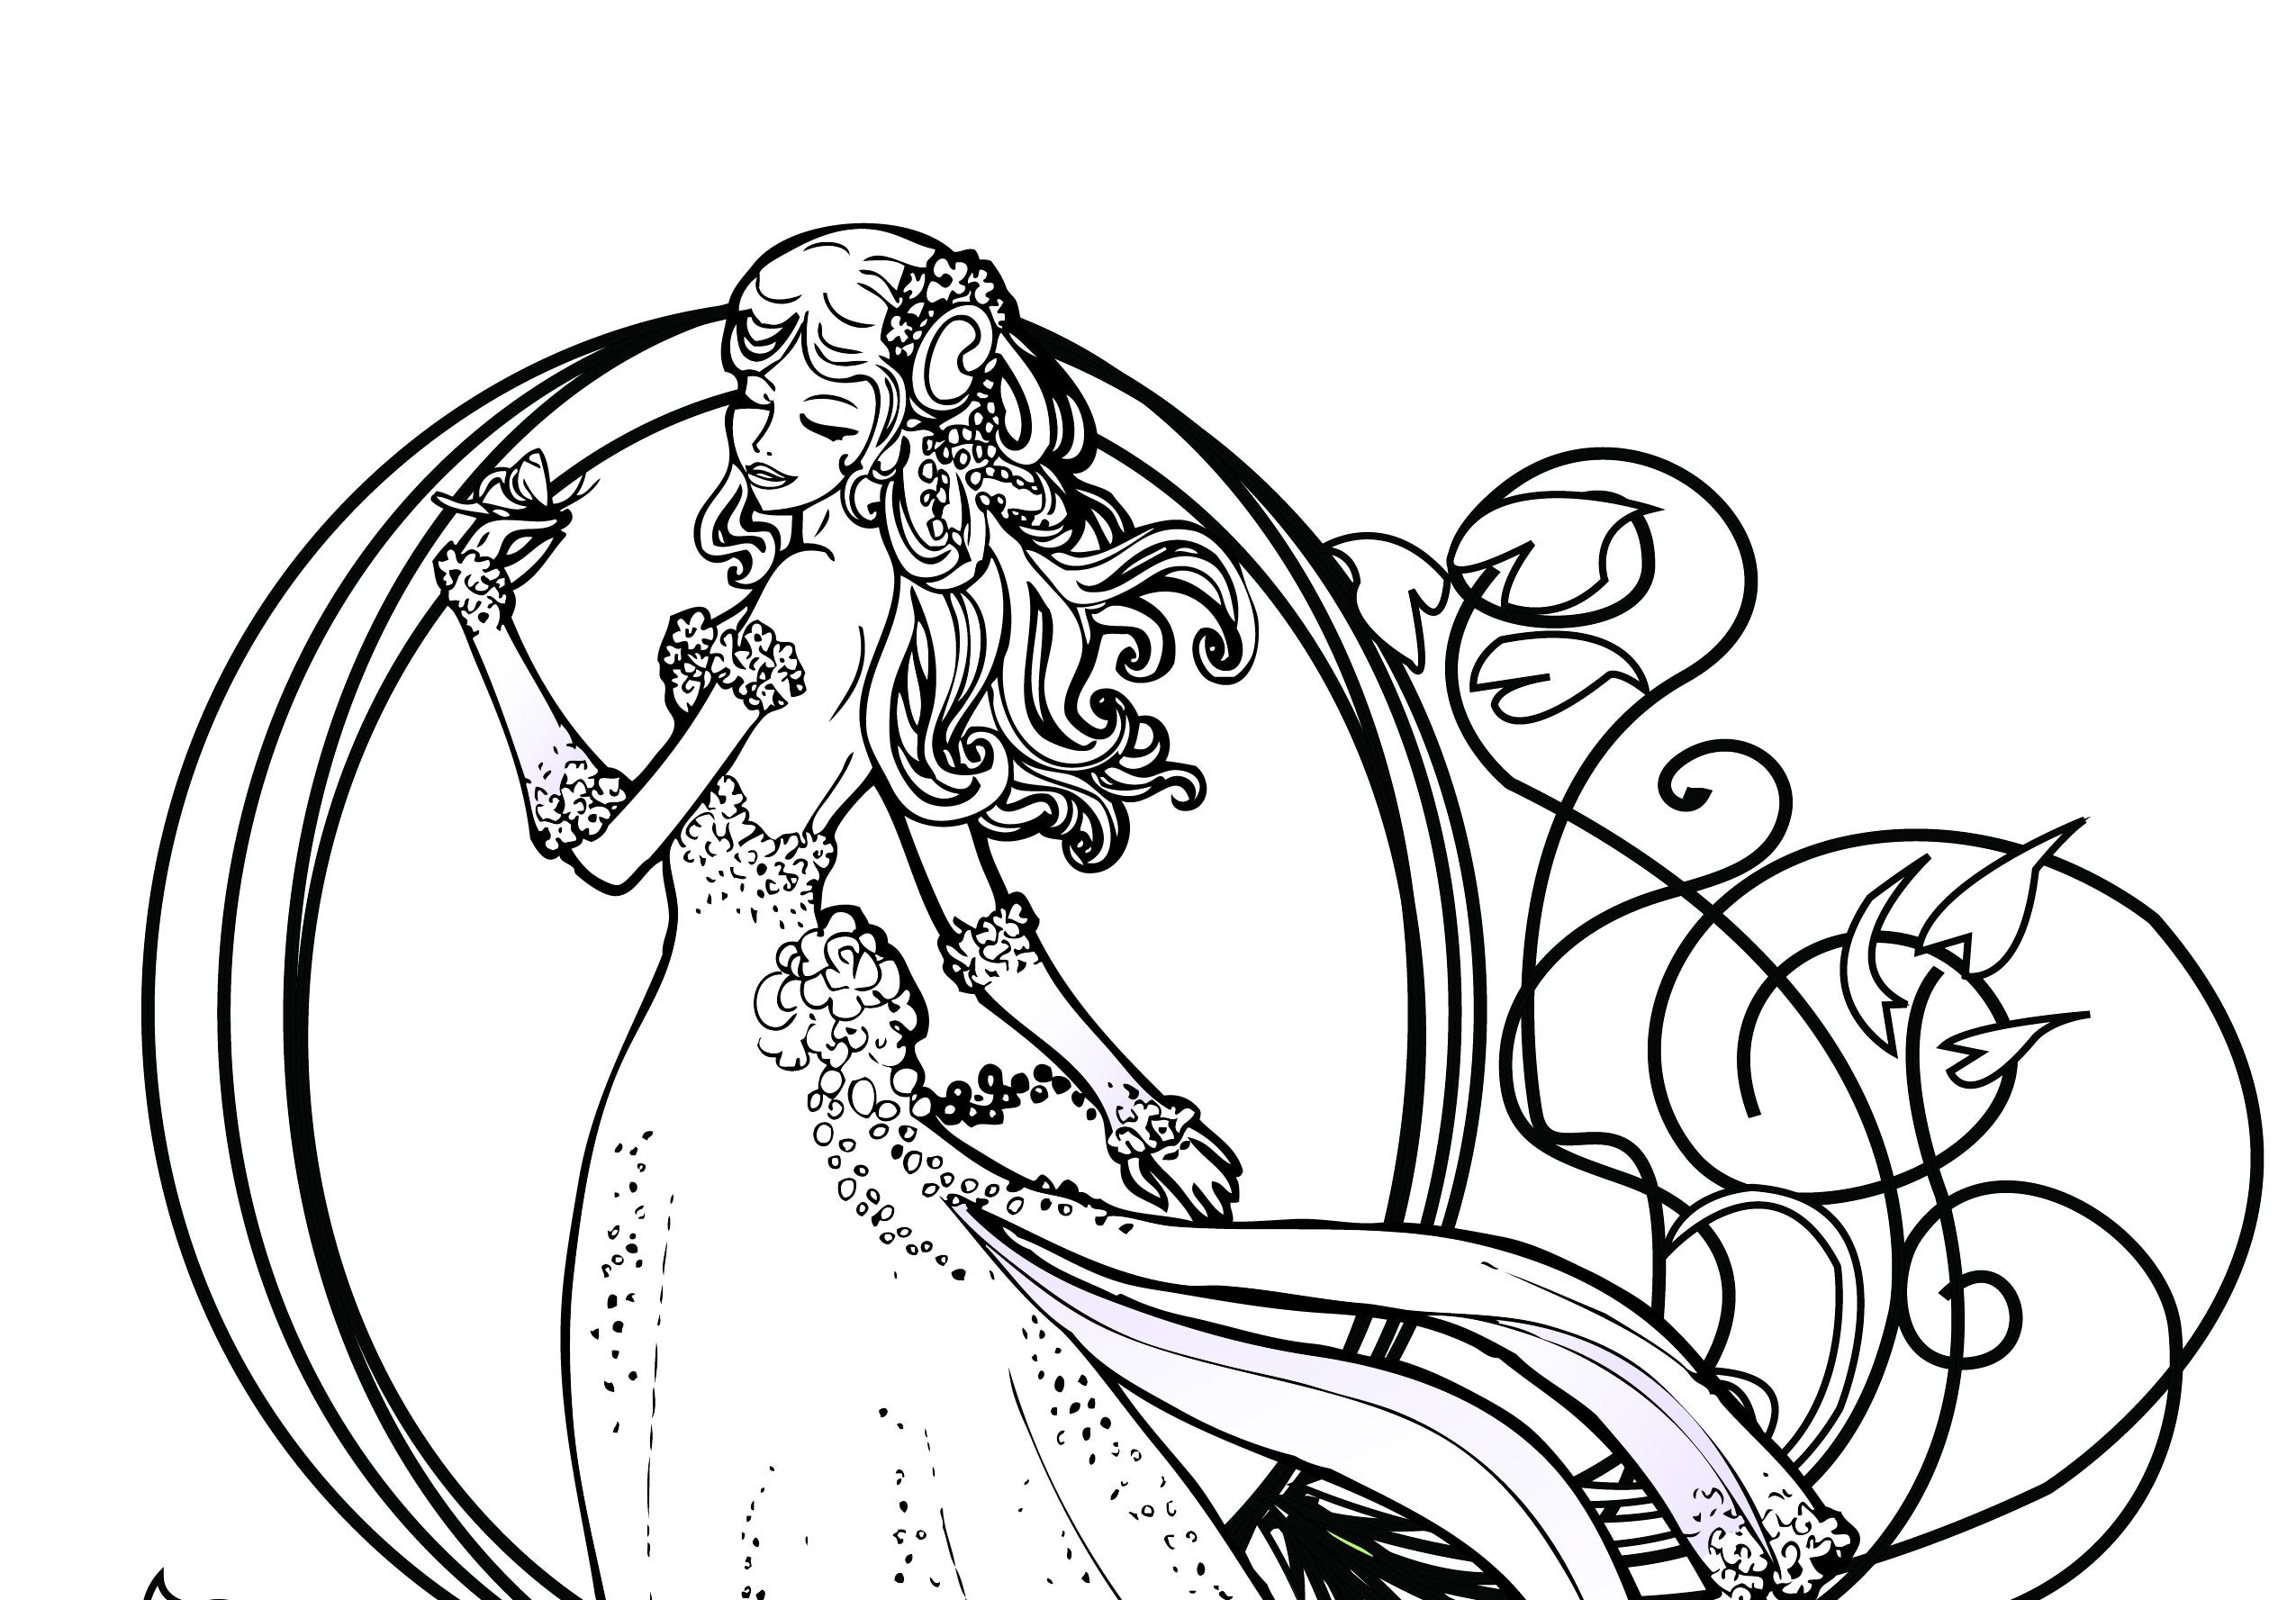 Coloriage de princesse disney gratuit à imprimer - Artherapie.ca